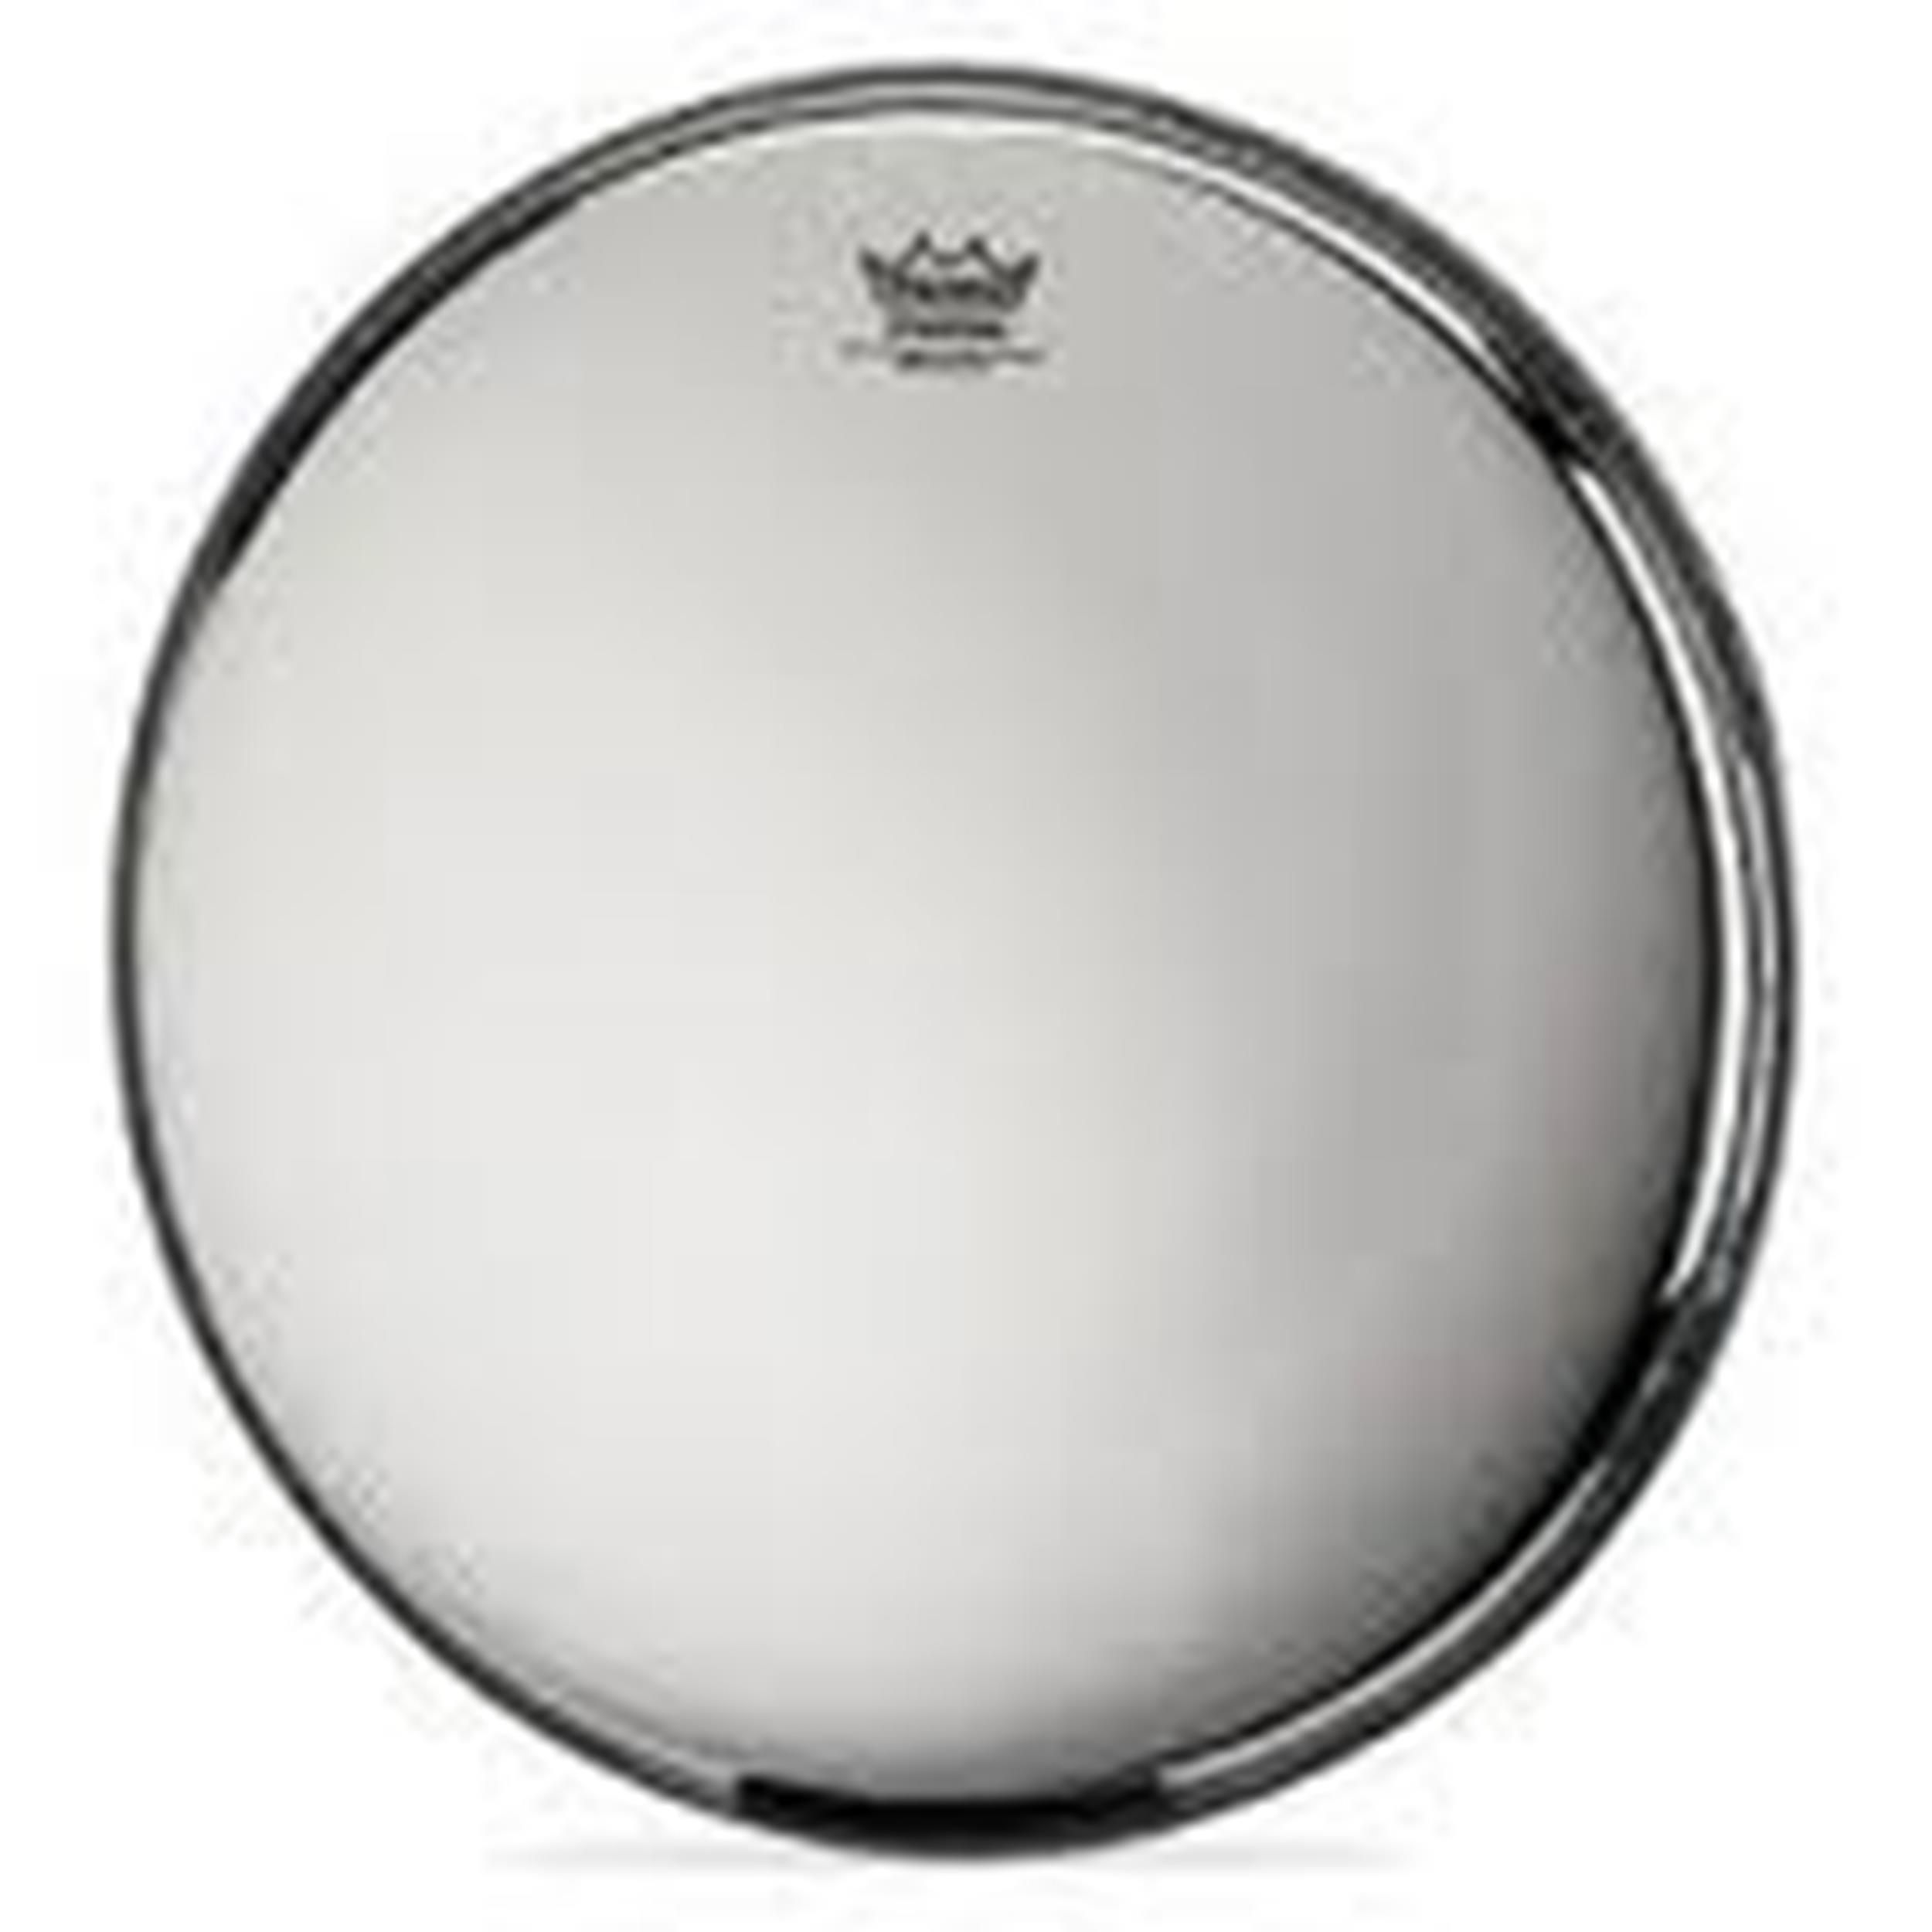 REMO STARFIRE CROMATA PER CASSA 20 - Batterie / Percussioni Accessori - Pelli e Cerchi